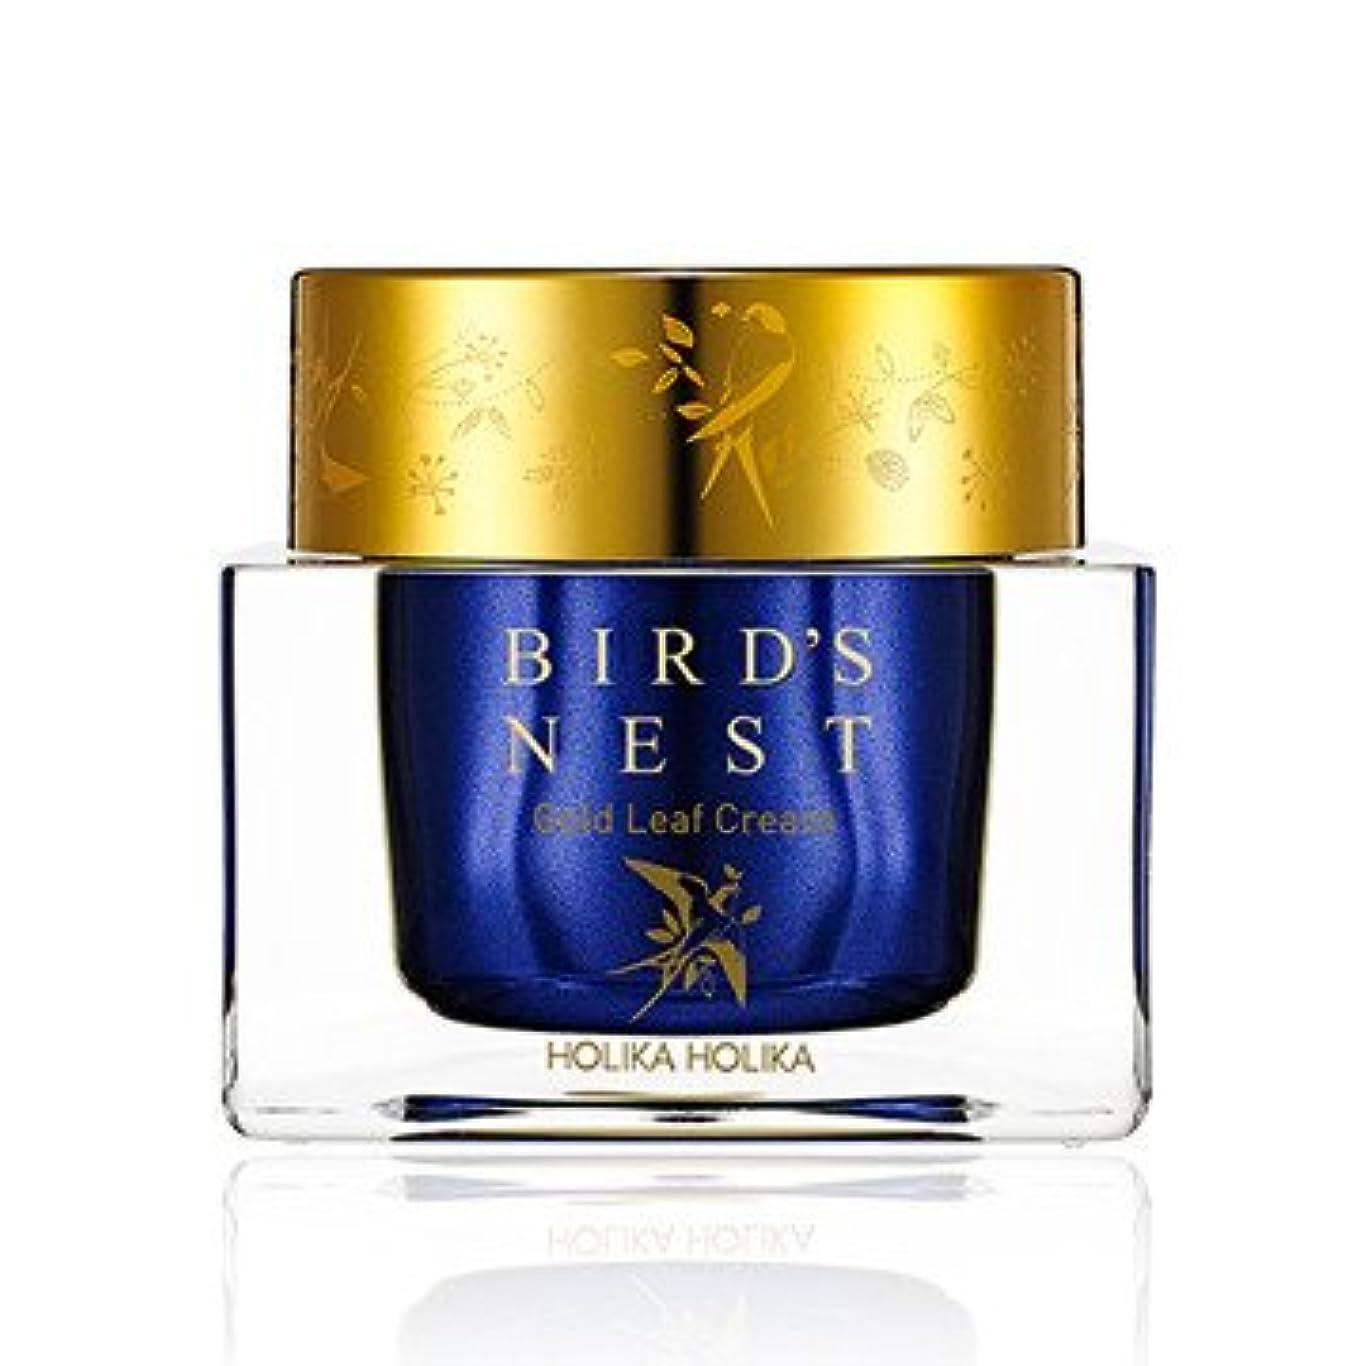 穿孔するピーブ本気[2018 NEW] ホリカホリカ プライムユース バーズネスト ゴールドリーフ クリーム/Holika Holika Prime Youth Birds Nest Gold Leaf Cream 55ml [並行輸入品]